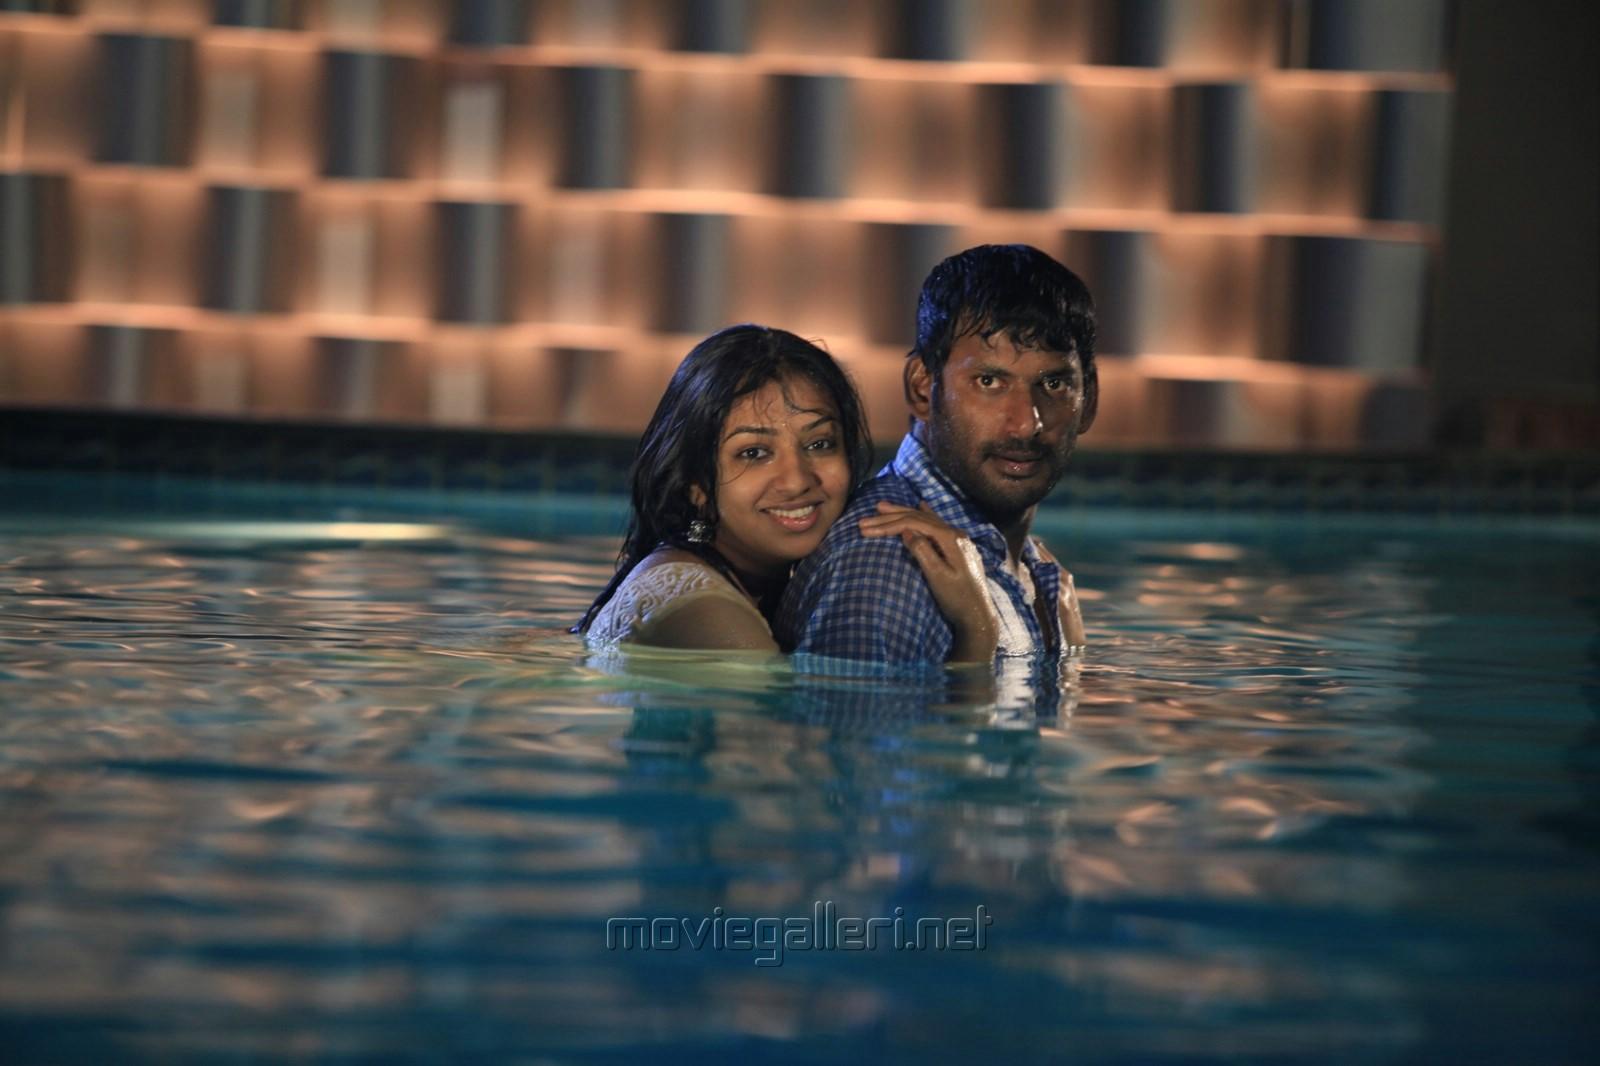 Picture 689531 | Lakshmi Menon, Vishal in Naan Sigappu ... Naan Sigappu Manithan Lakshmi Menon Hot Stills